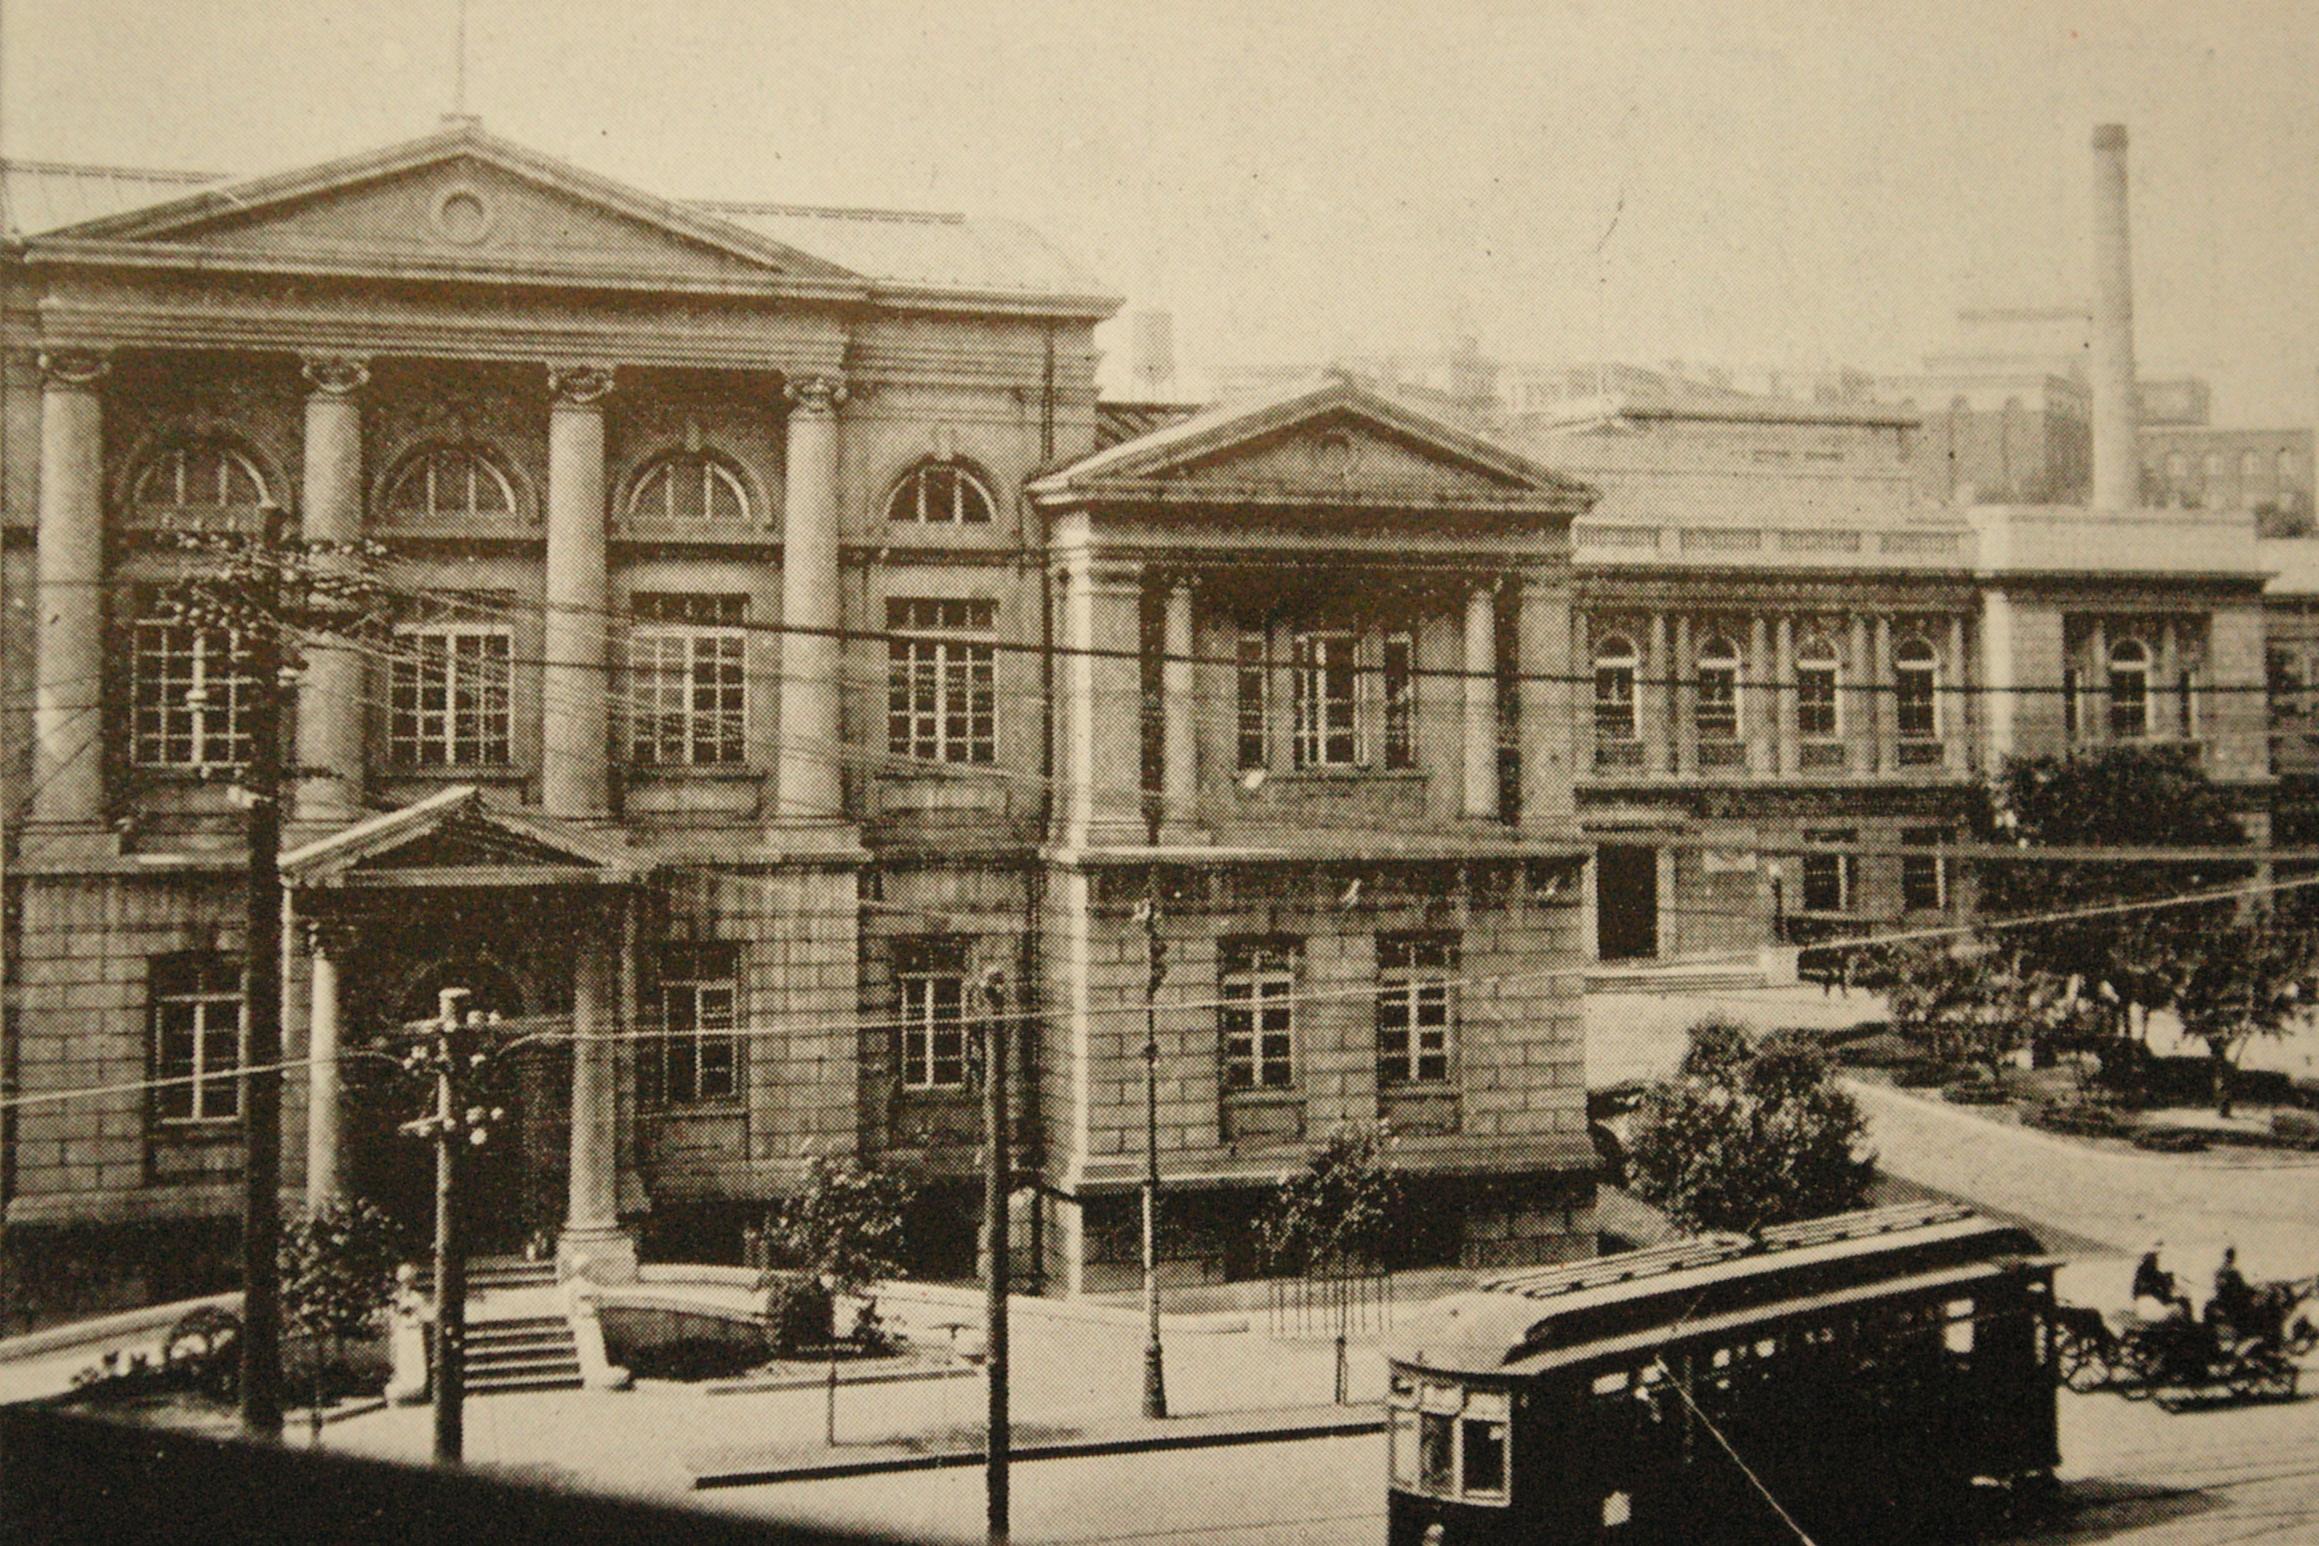 אימפריה כלכלית - מטה חברת הרכבת הדרום מנצ'ורית בעיר דיירן - בירת חבל גוואנדונג